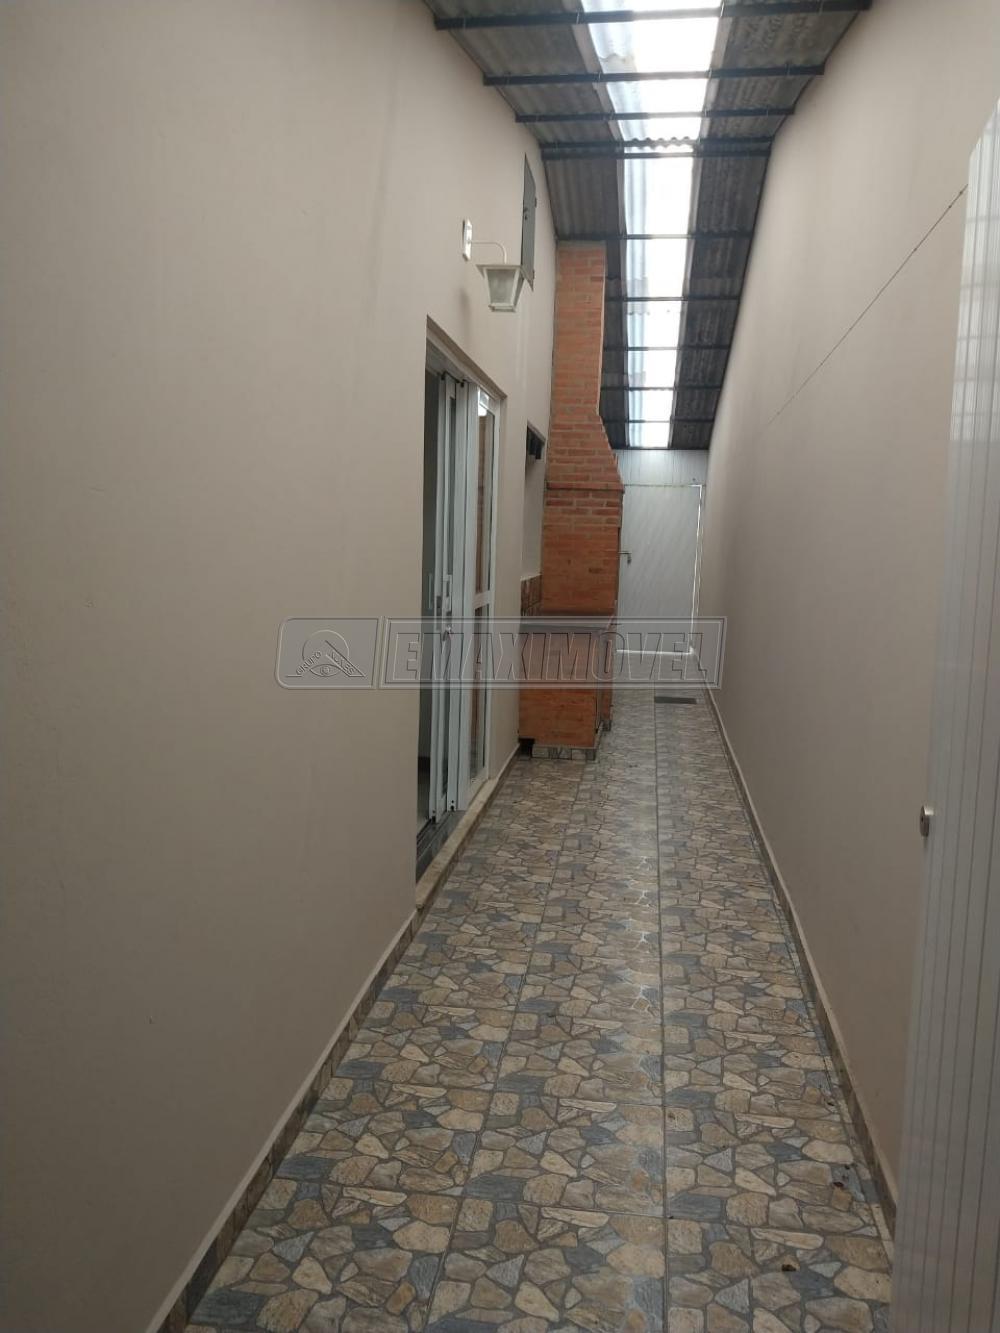 Comprar Casas / em Bairros em Sorocaba apenas R$ 179.500,00 - Foto 13